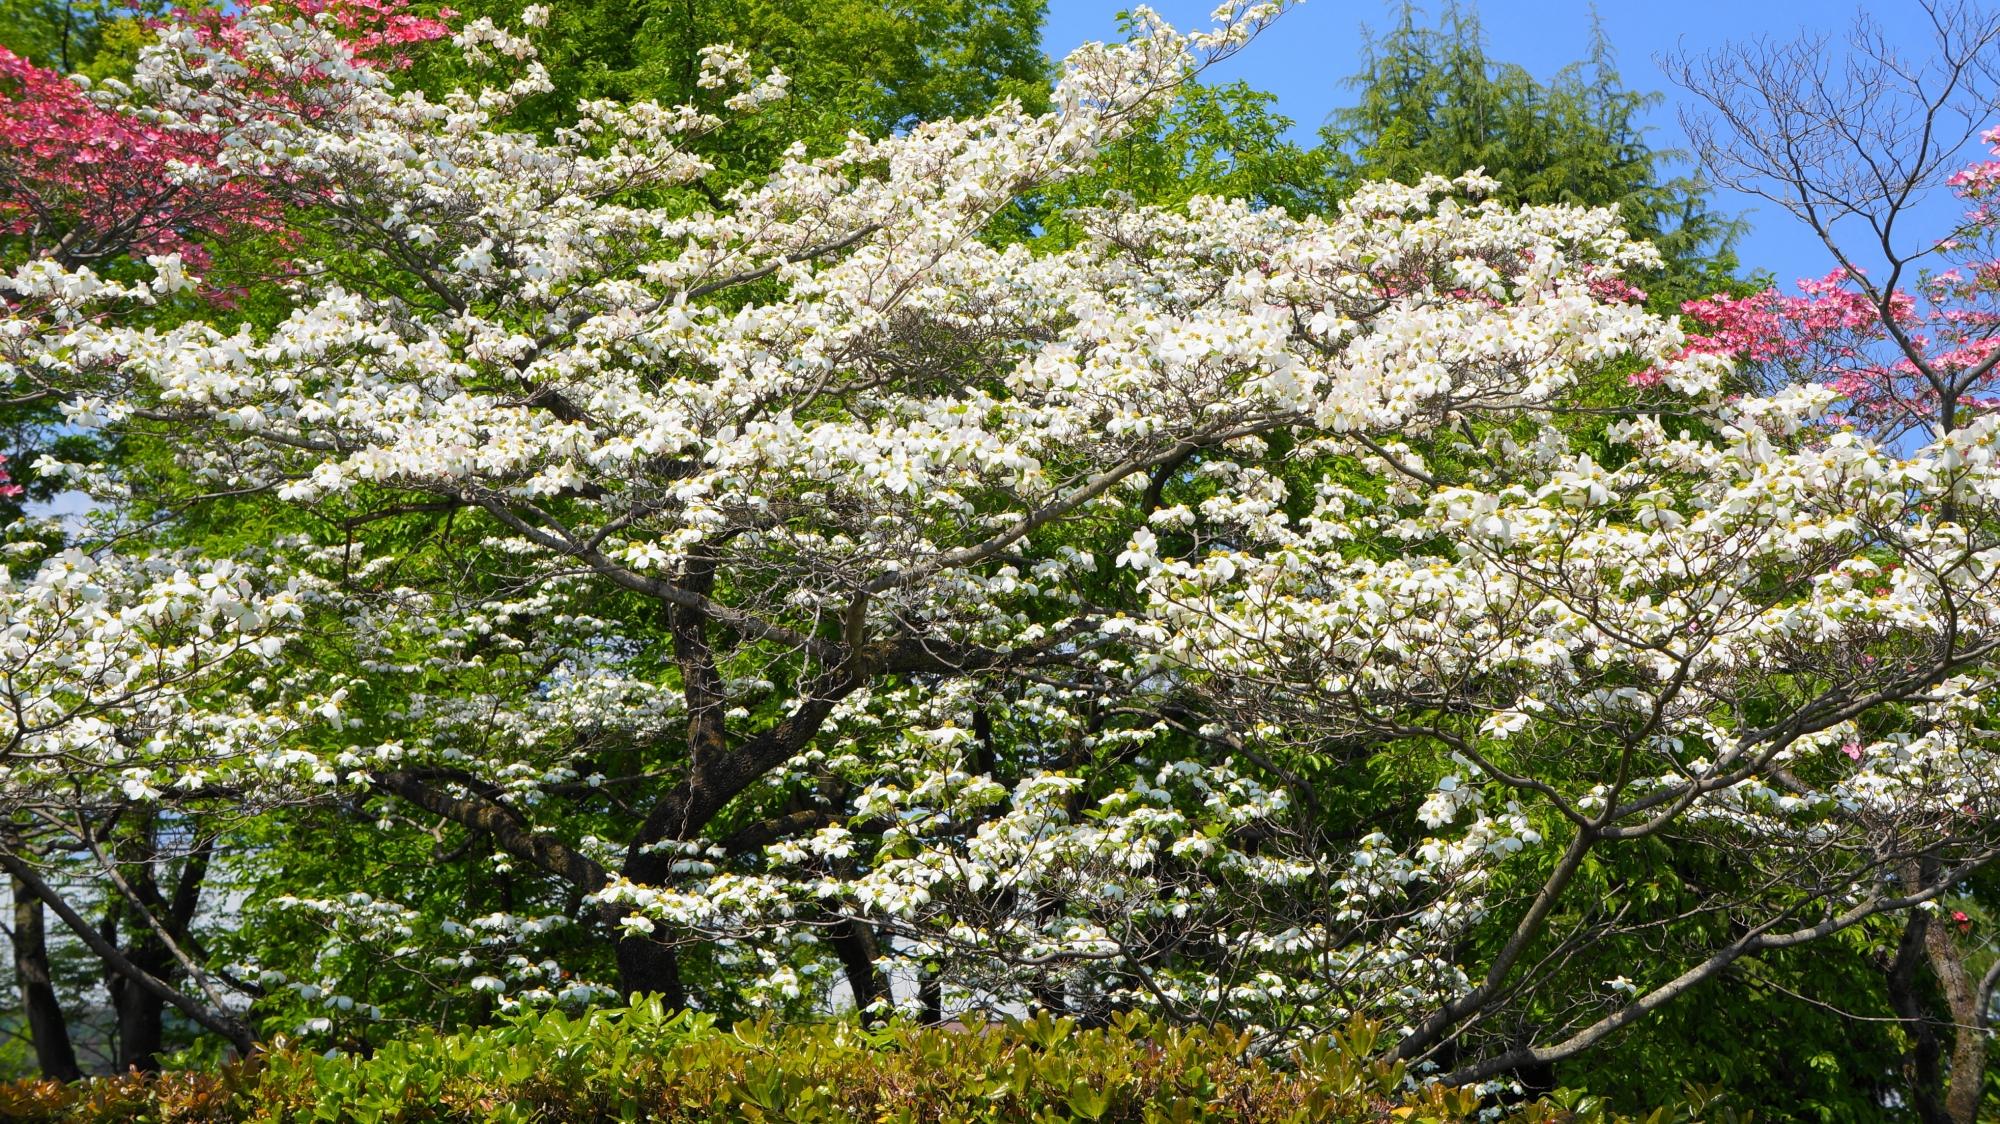 京都府立総合資料館の花の密度も非常に濃い立派なたくさんのハナミズキノ木